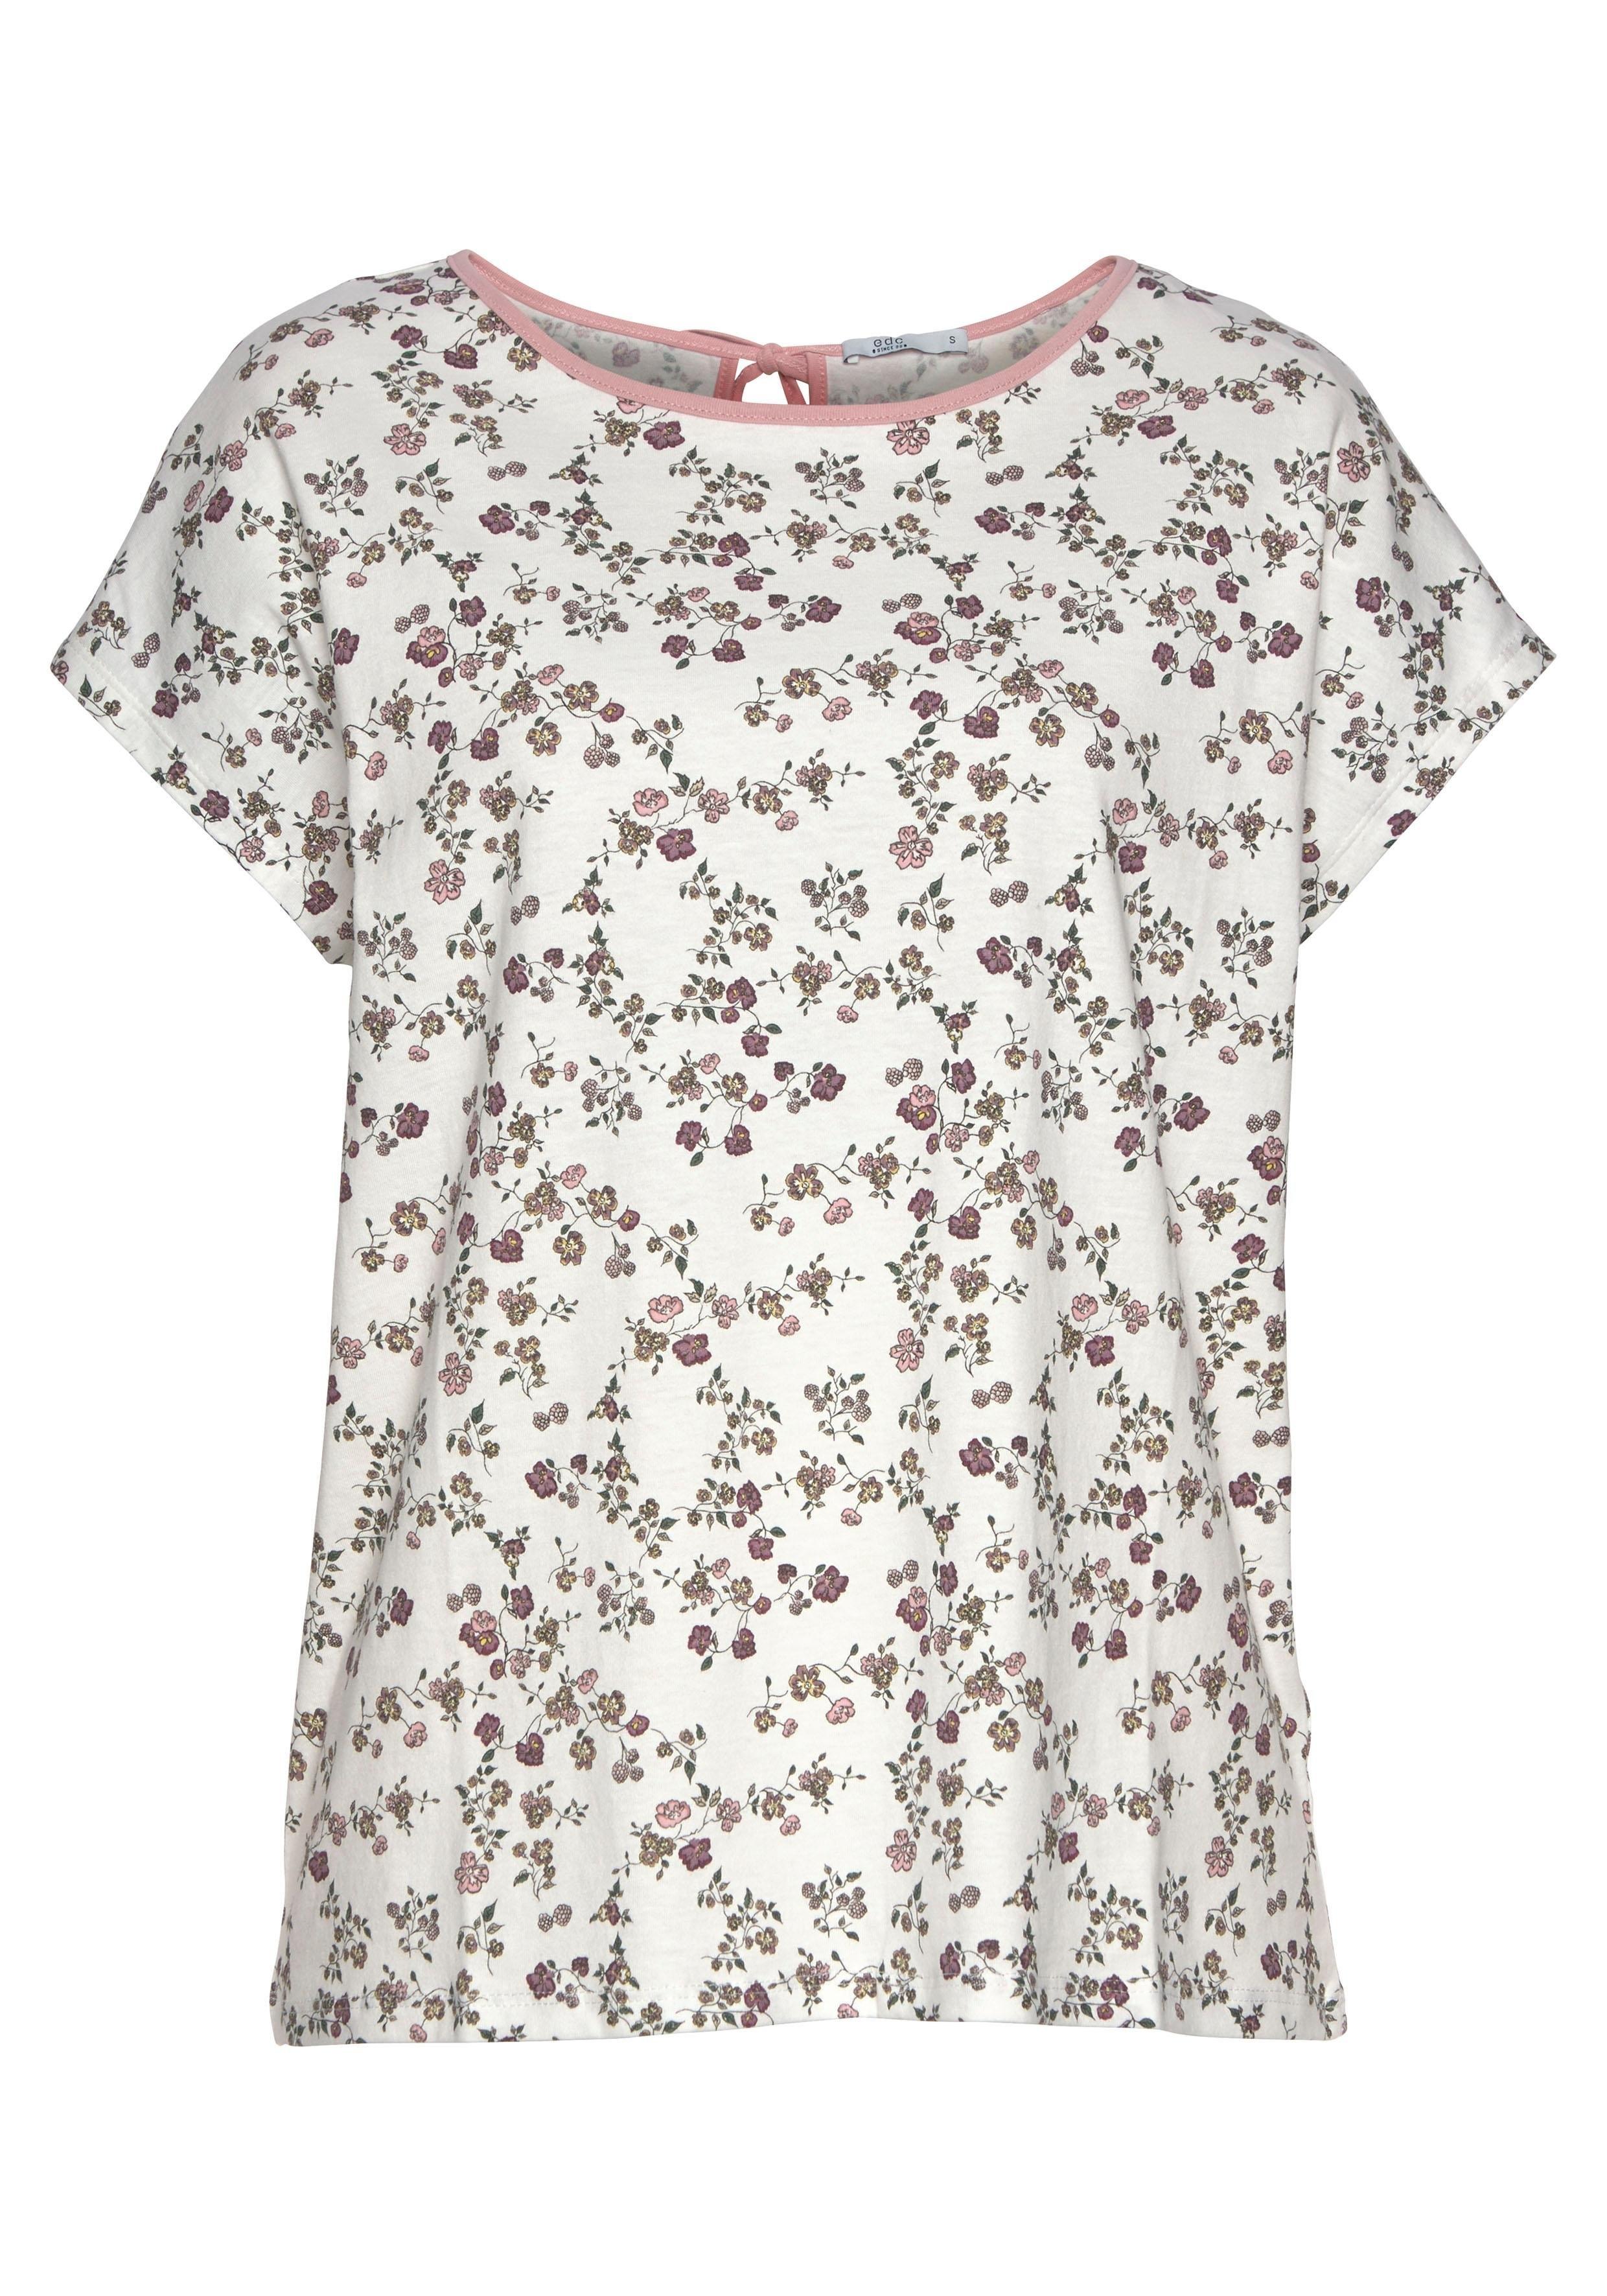 edc by esprit shirt met korte mouwen nu online kopen bij OTTO